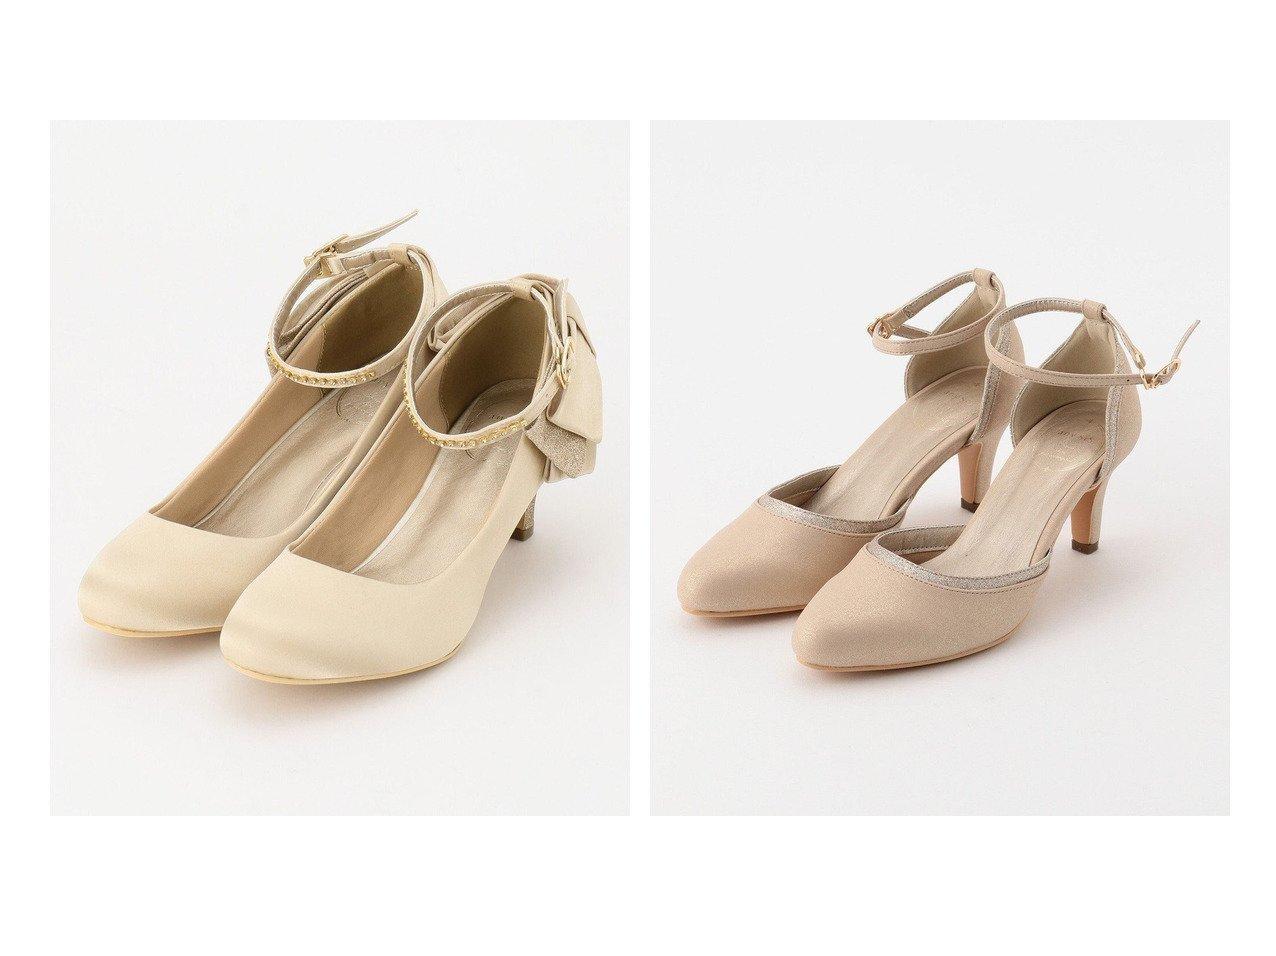 【any SiS/エニィ スィス】の【疲れにくい】シャイニーダブルリボン パンプス&フェミニンラメ パンプス 【シューズ・靴】おすすめ!人気、トレンド・レディースファッションの通販 おすすめで人気の流行・トレンド、ファッションの通販商品 インテリア・家具・メンズファッション・キッズファッション・レディースファッション・服の通販 founy(ファニー) https://founy.com/ ファッション Fashion レディースファッション WOMEN 送料無料 Free Shipping おすすめ Recommend クッション シューズ パーティ フェミニン フォーマル ラップ リボン |ID:crp329100000046147